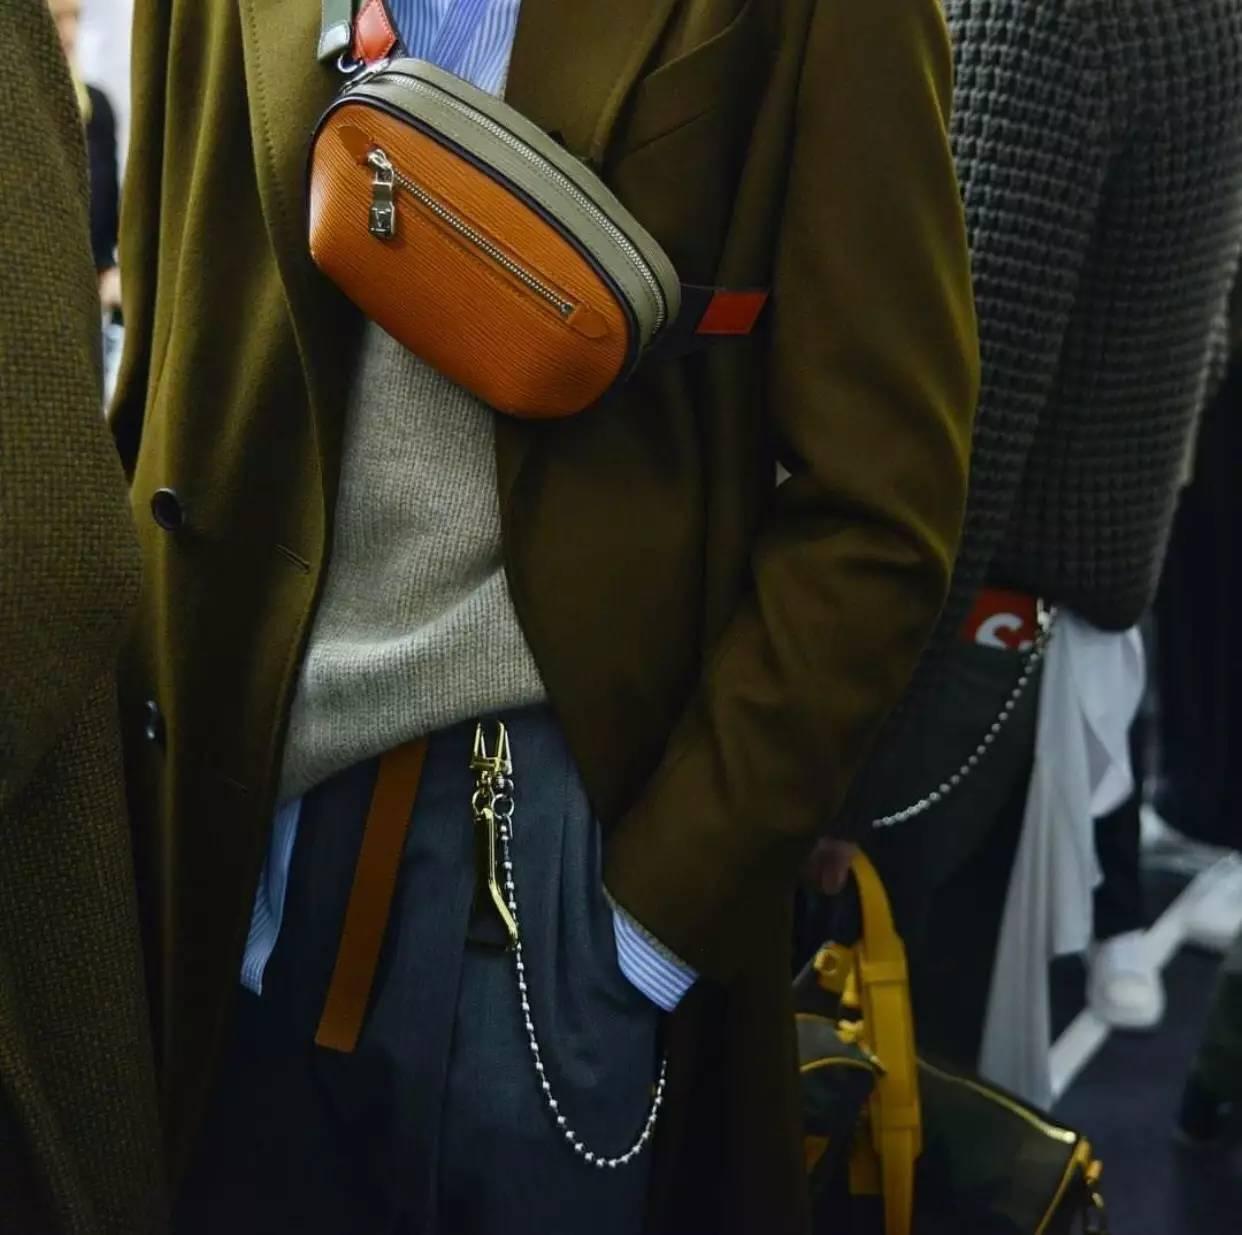 男人背小包真的就很娘吗?男士也很流行背小包 男士时尚 图28